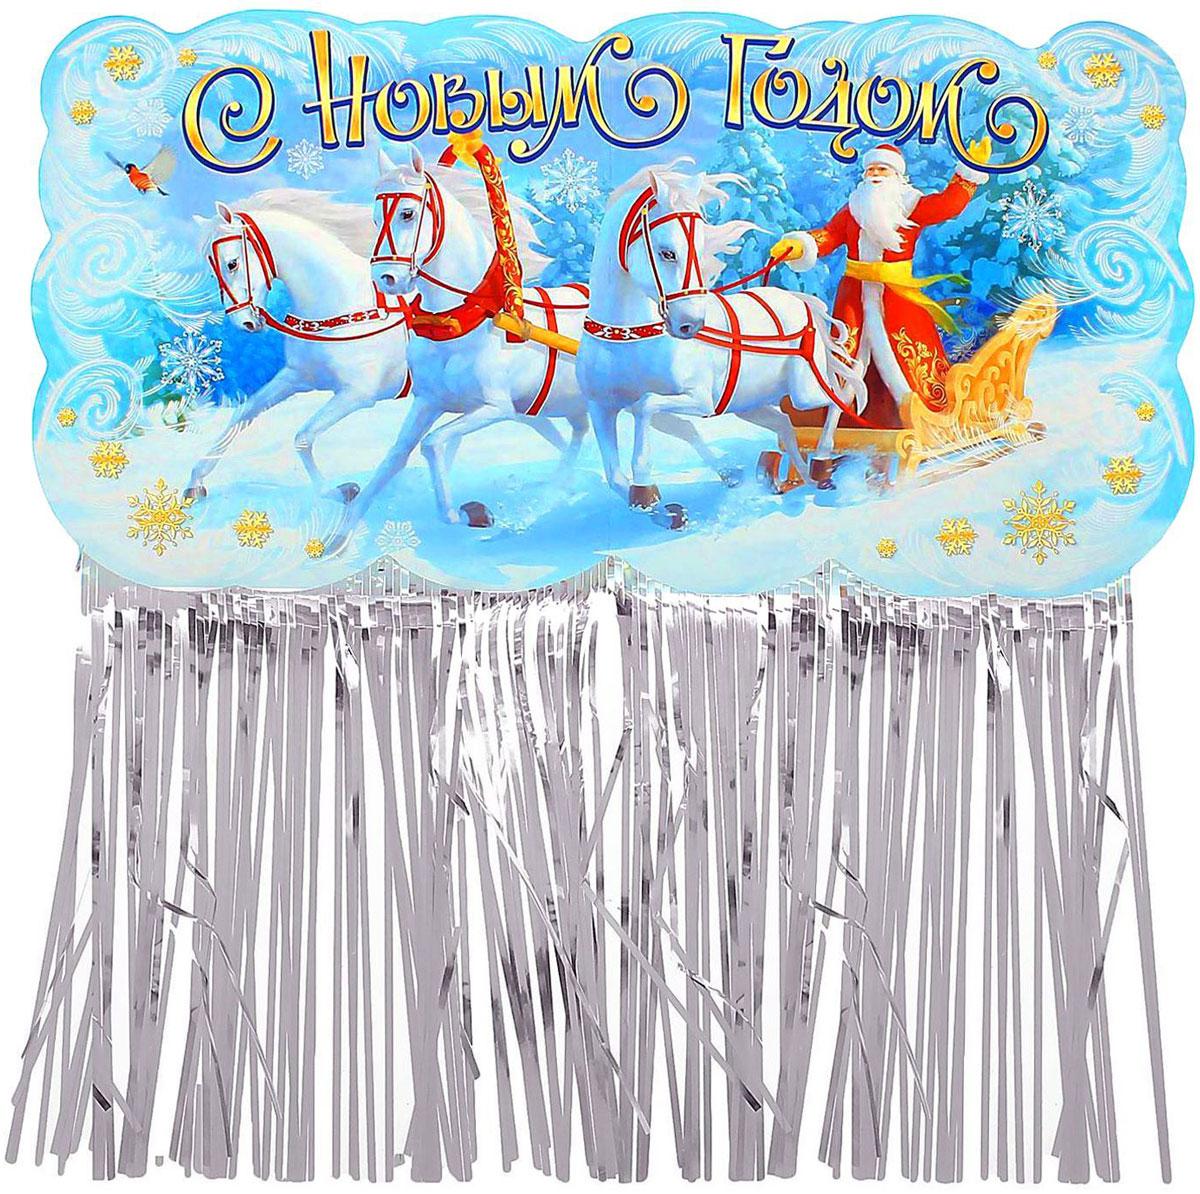 Гирлянда С Новым годом!, с блестящим дождиком. 13552301355230Оформление — важная часть любого торжества, особенно Нового года. Яркие украшения для интерьера создадут особую атмосферу в вашем доме и подарят радость. Красочная гирлянда придется по душе каждому. Подвесьте ее в комнате, и праздничное настроение не заставит себя ждать. Изделие выполнено из картона. Поставляется в пакете с яркой дизайнерской подложкой.